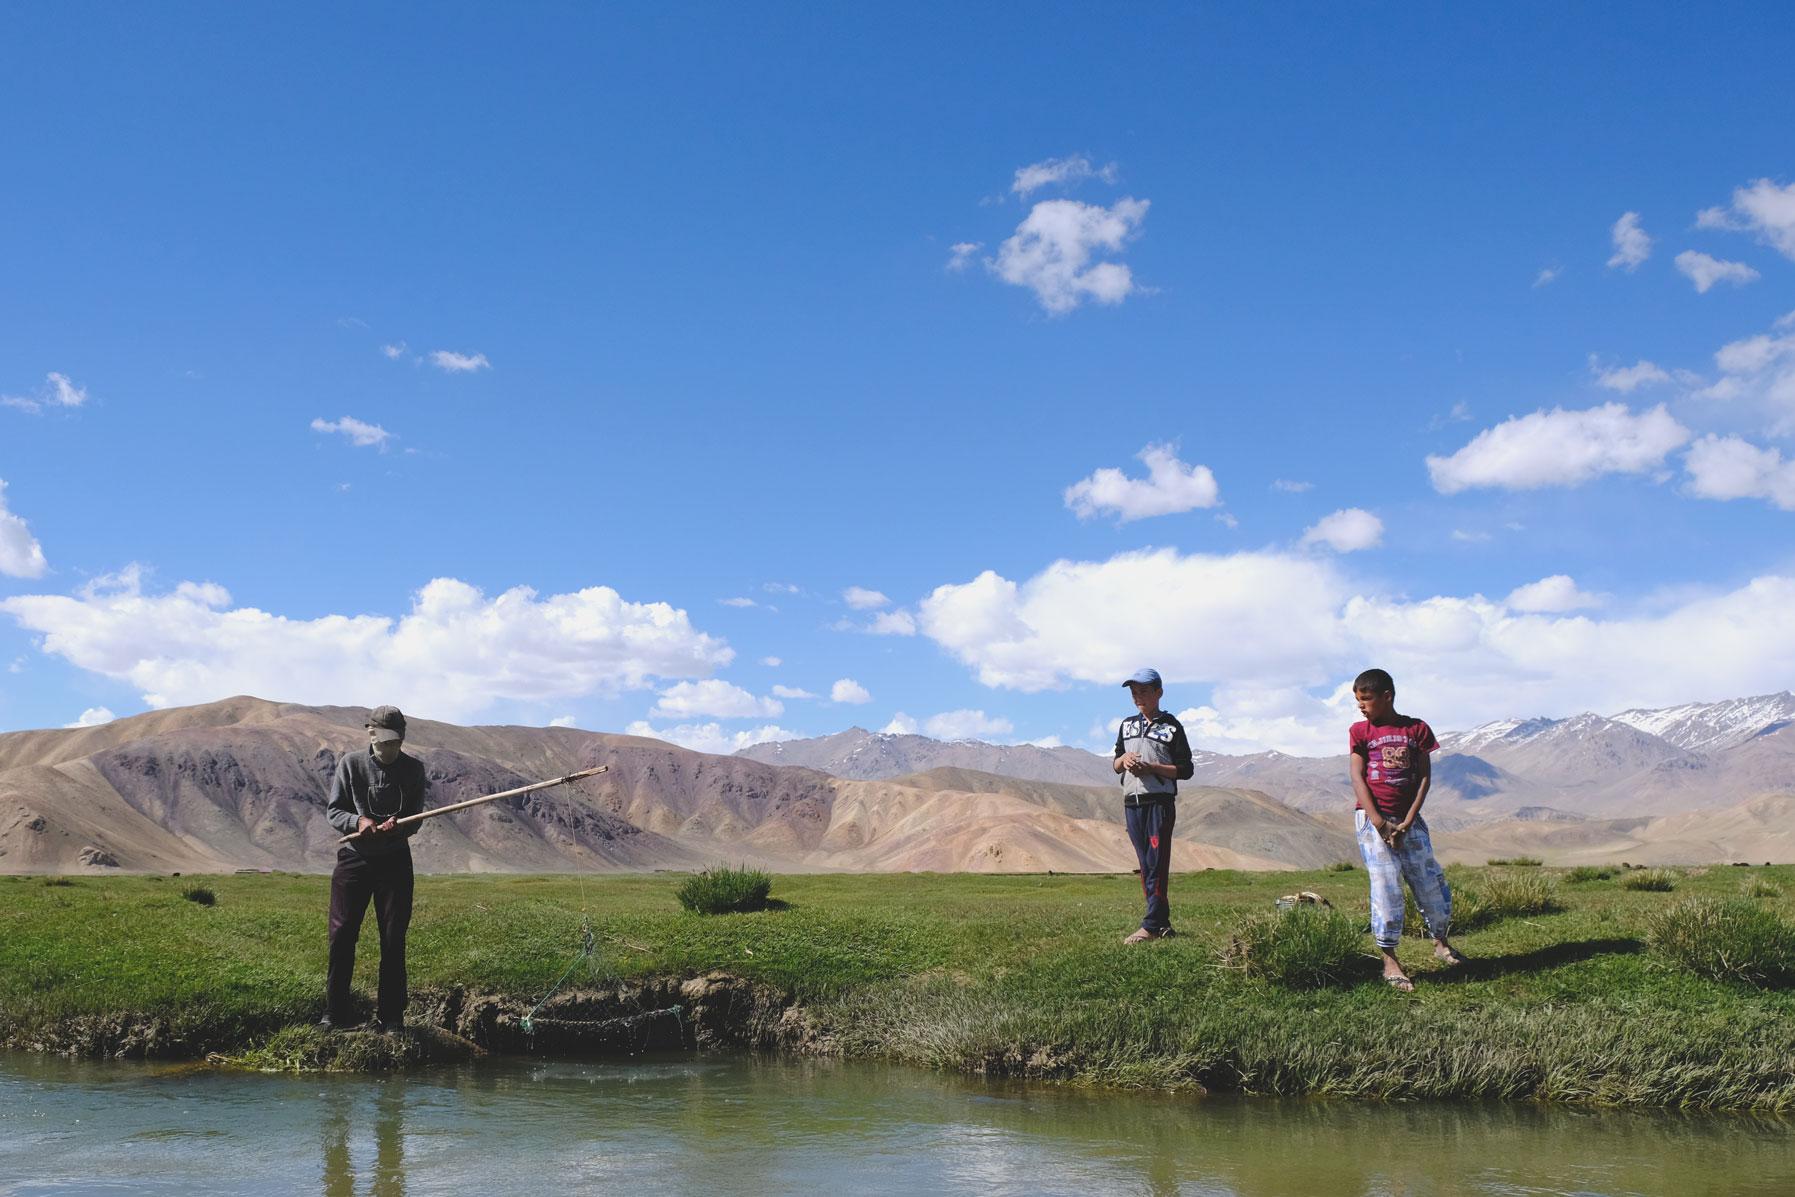 EIn Fischer wird von zwei Jungs beim Angeln unterstützt